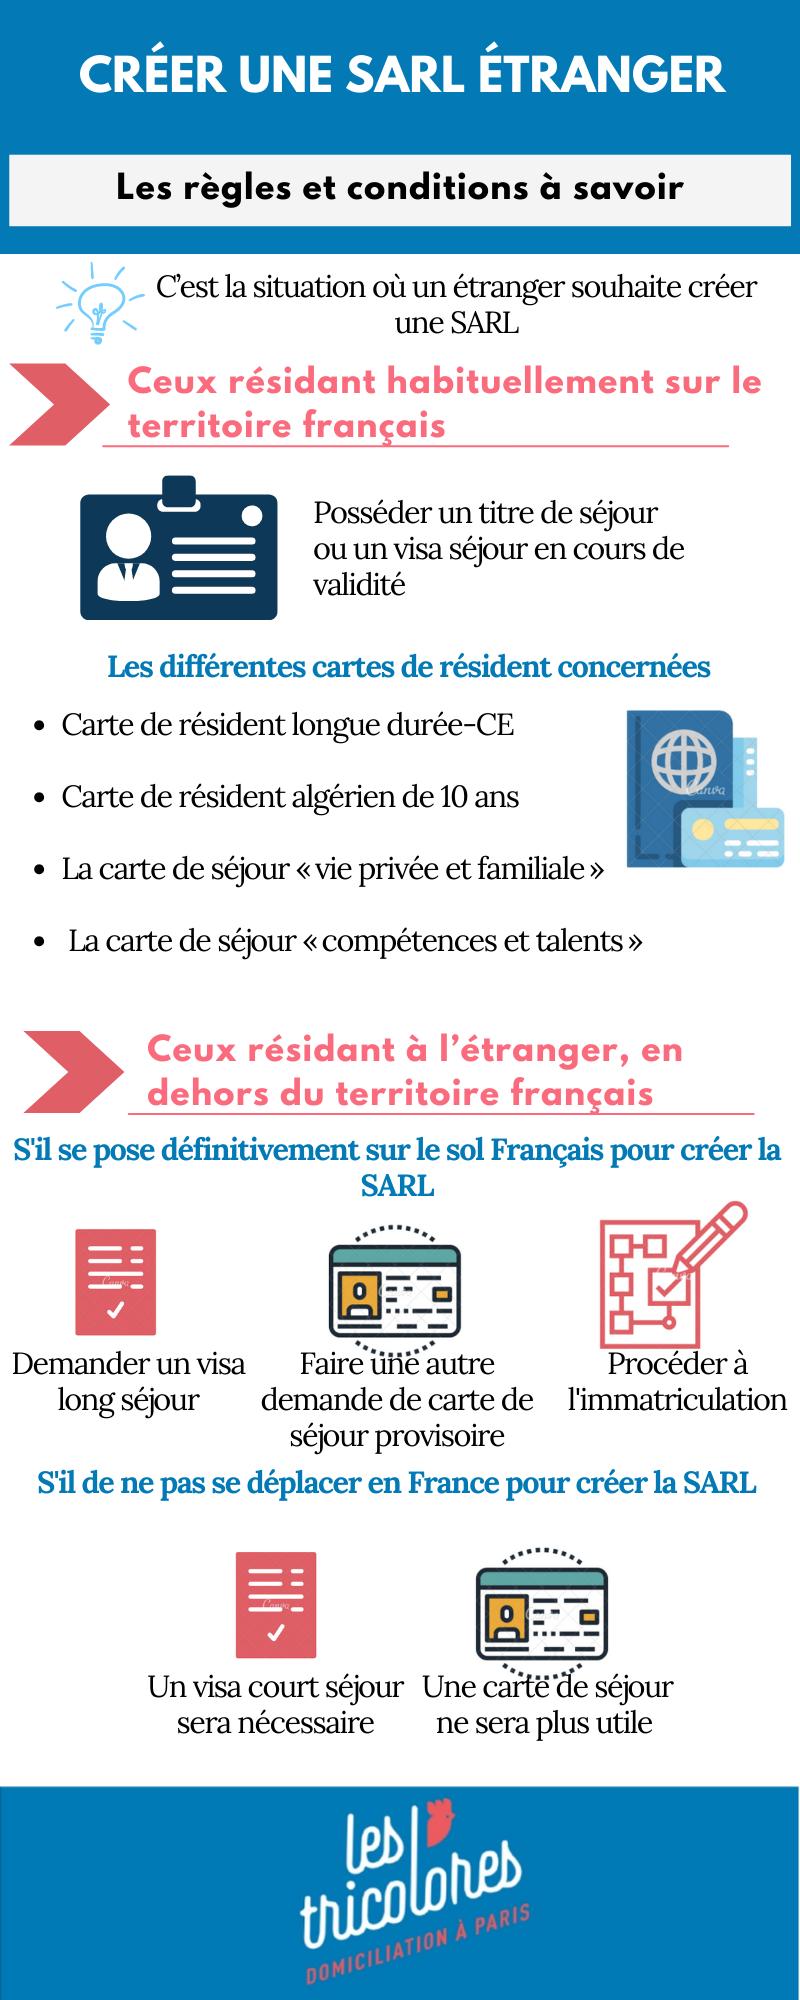 Créer une SARL étranger: Les règles et conditions à savoir